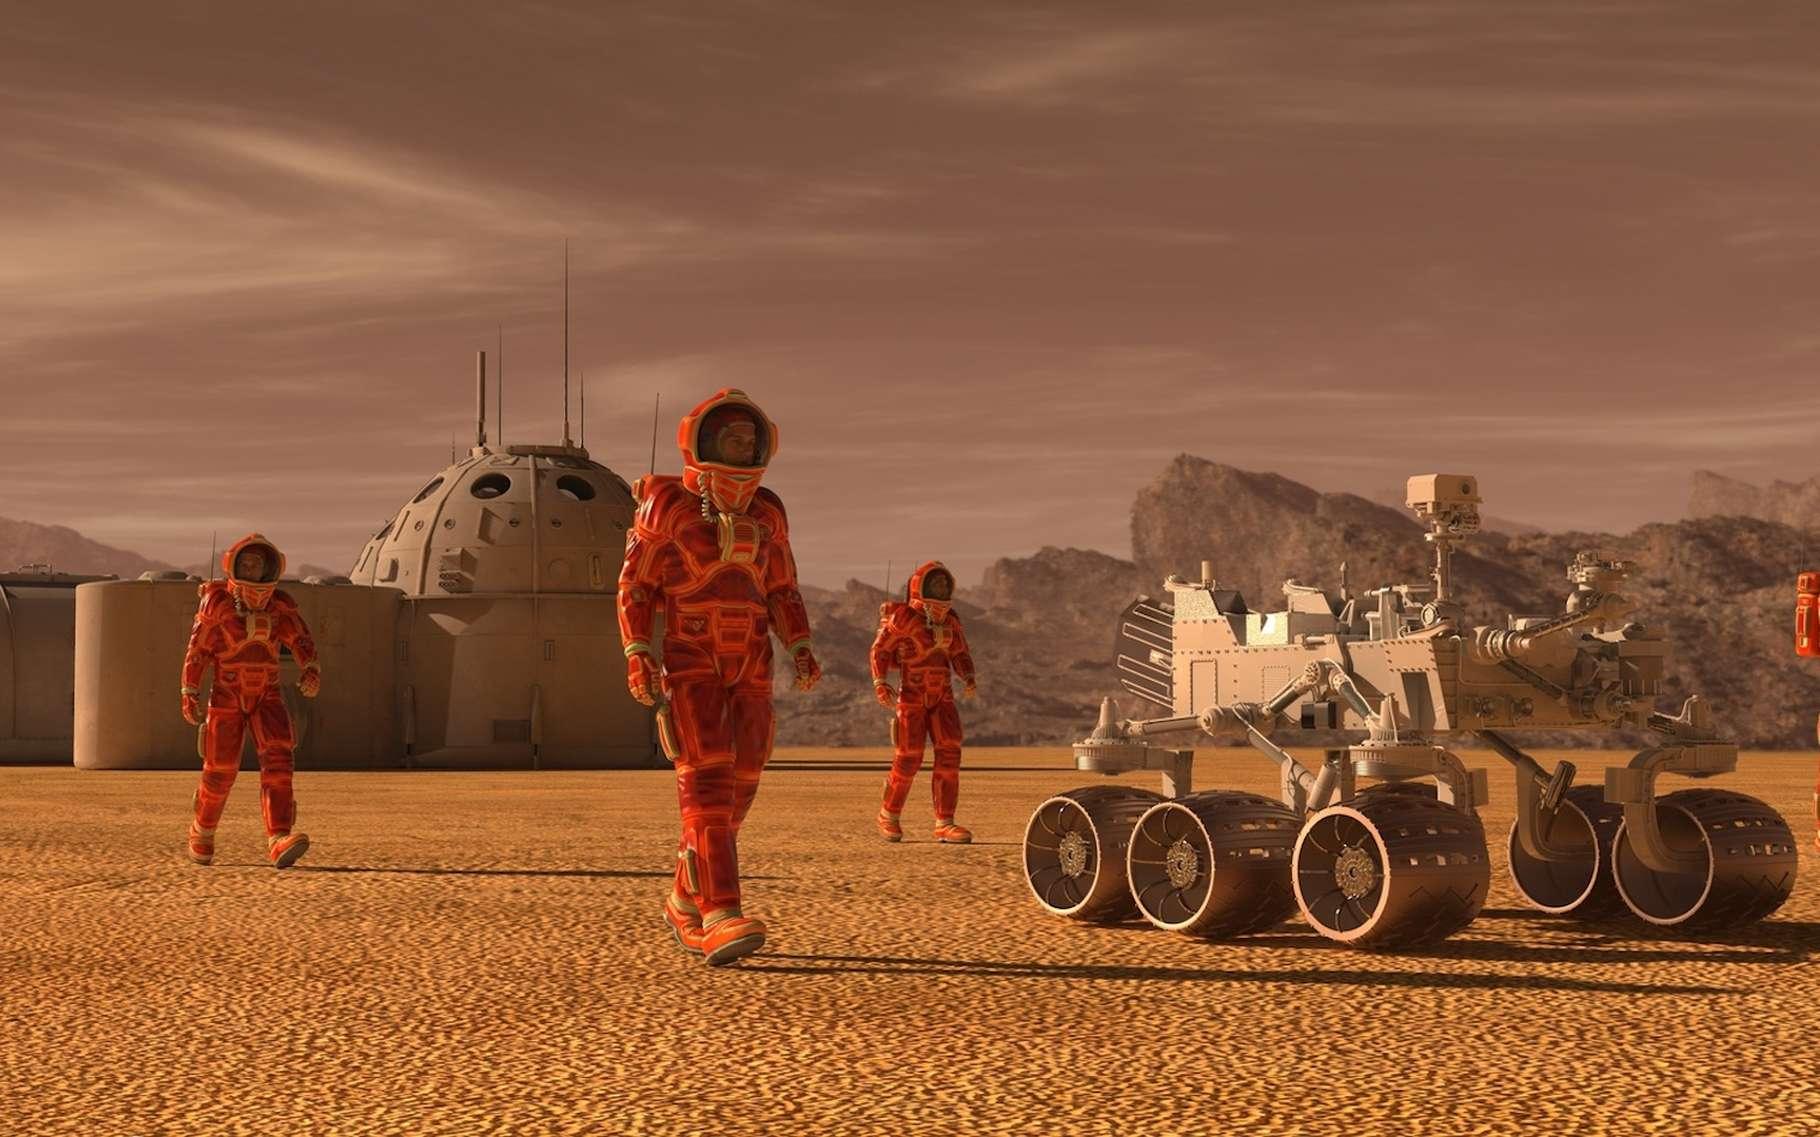 Des chercheurs espèrent créer des îlots d'habitabilité sur Mars à l'aide d'aérogels de silice. © elenaed, Fotolia